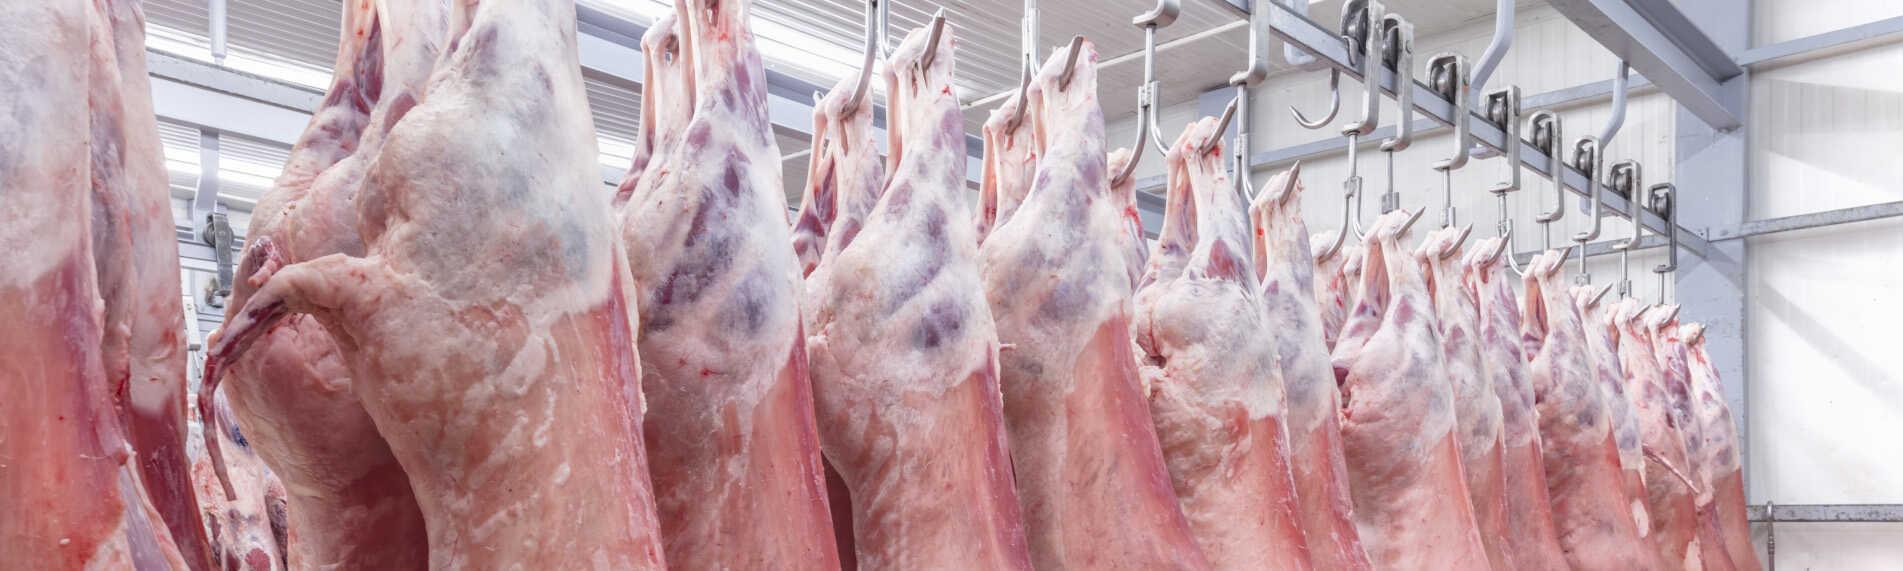 Slagterier reducerer vægttabet af kød med den rette luftfugtighed